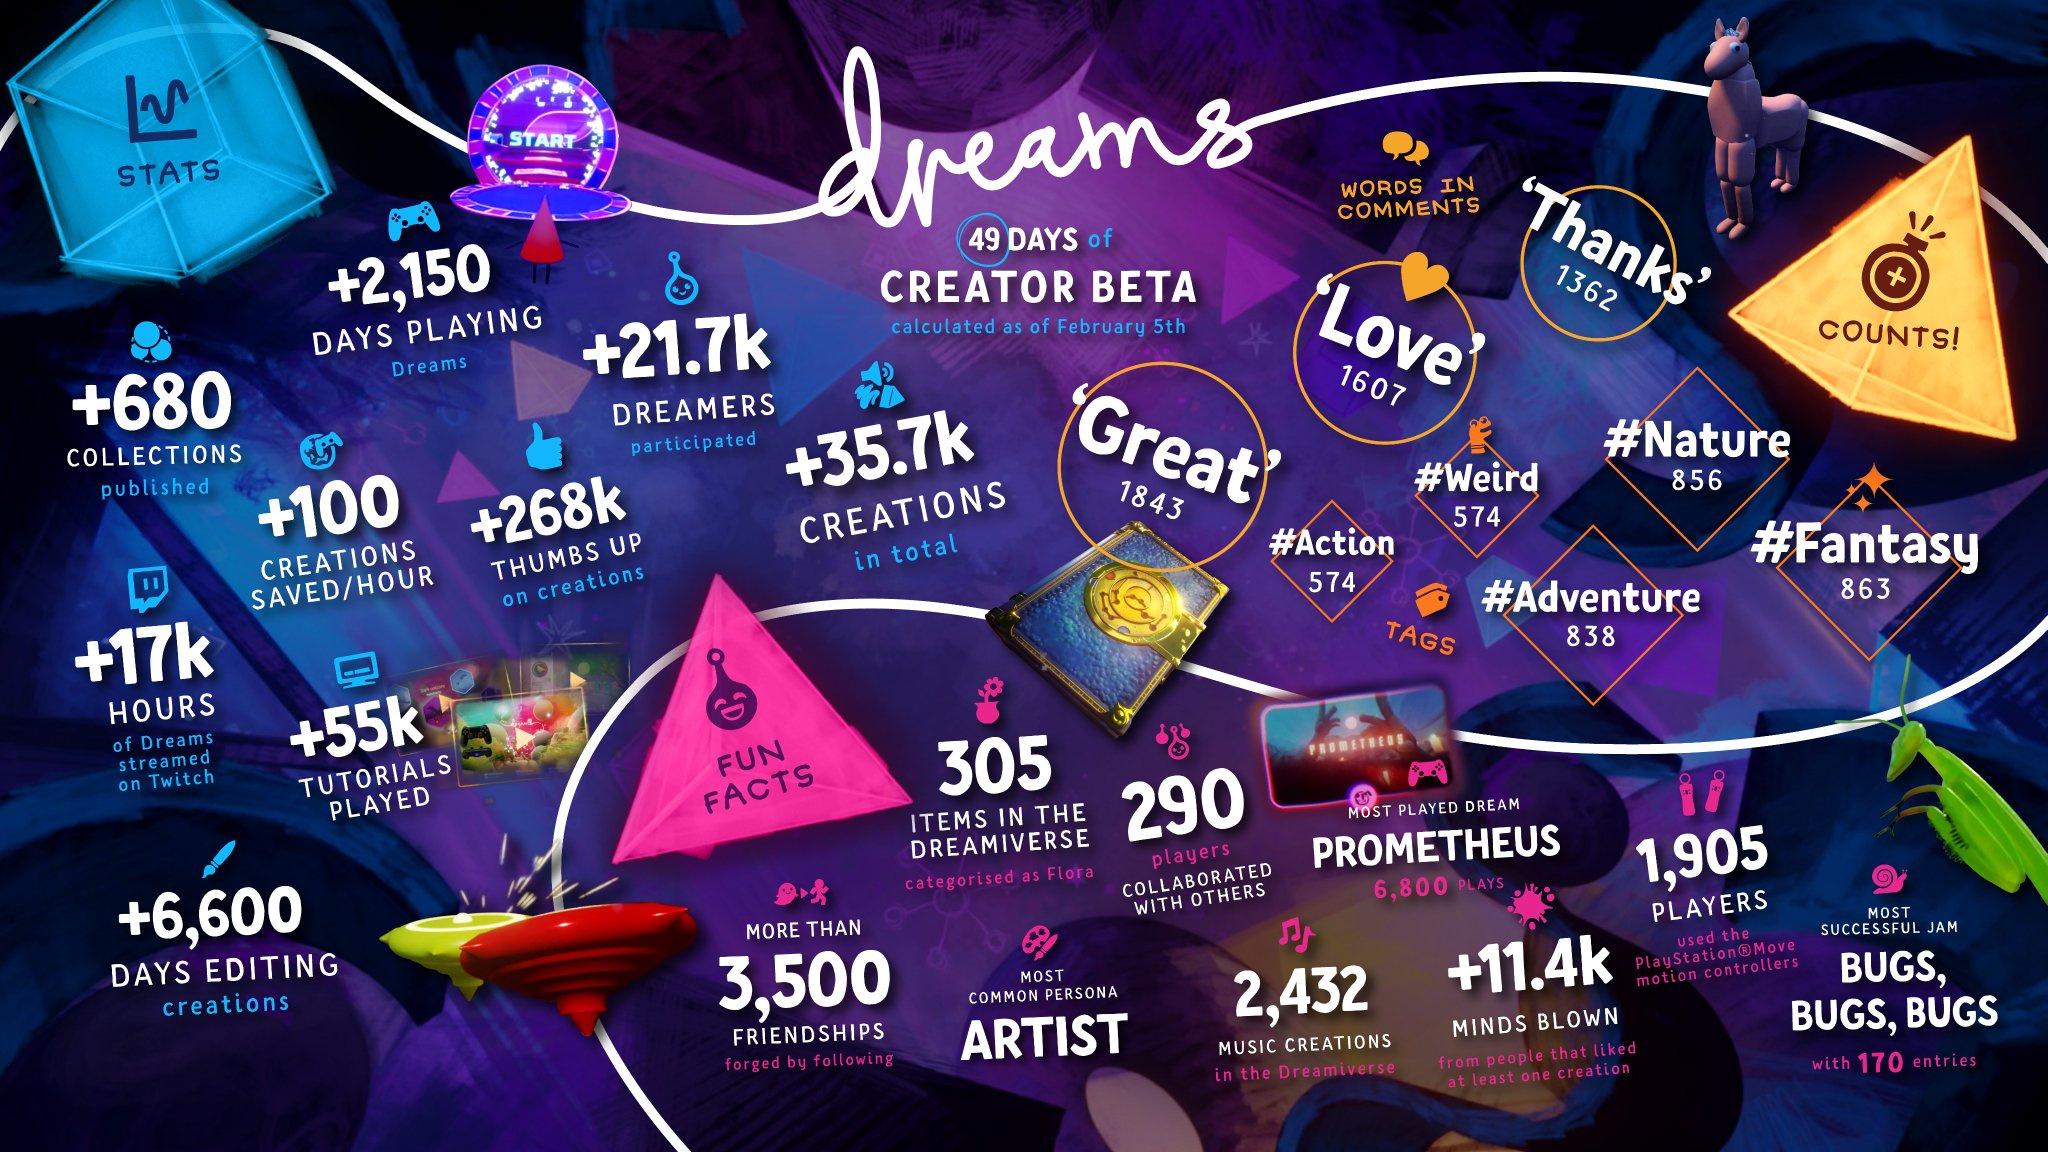 Dreams PS4 Beta Participants Made More Than 35,000 Creations - Push